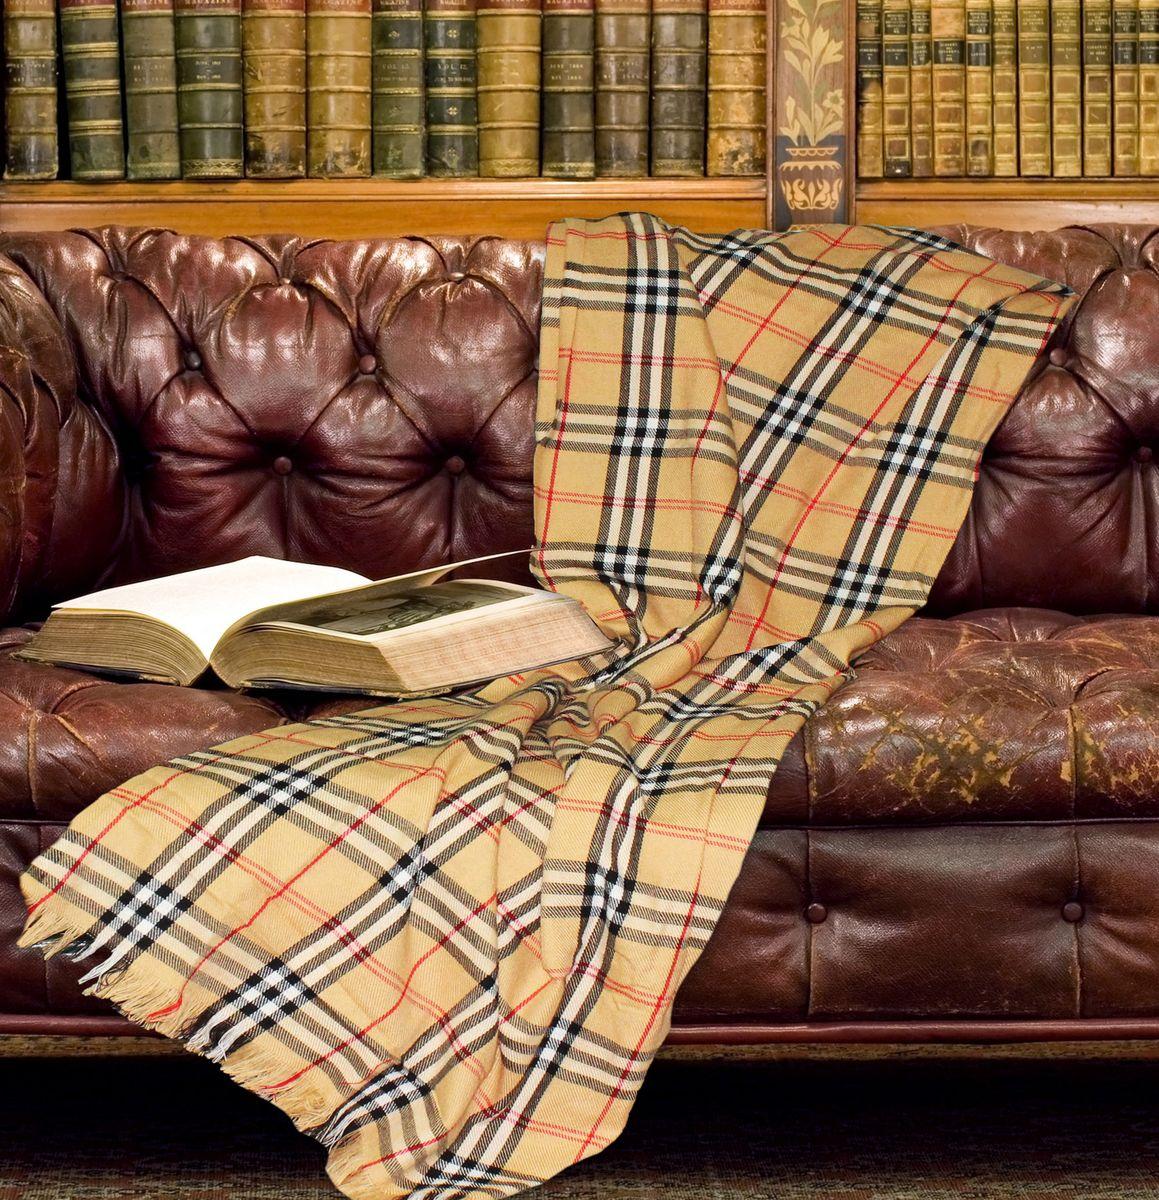 Плед Amore Mio Клетка, 140 х 200 см. 7461874618Пледы Scotland Amore Mio - комфорт и уют каждый день! Amore Mio - разнообразие ярких и современных дизайнов прослужат не один год и всегда будут радовать вас и ваших близких сочностью красок и красивым рисунком. Пледы Amore Mio подарят вам нежность жаркими летними ночами, теплоту и комфорт прохладными зимними вечерами. Пледы Scotland Amore Mio - легкое, универсальное тканое изделие, с кистями. Пряжей для выработки послужил 100% акрил. Не зря в народе за акрилом закрепилось имя искусственной шерсти. Потому, что акриловое волокно, на самом деле великолепно удерживает тепло, оно практично и долговечно, оно отлично окрашивается и быстро сохнет. Еще одно преимущество в цене, так как по факту акрил значительно дешевле натуральной шерсти. В ассортименте широкий размерный ряд, разнообразные дизайны.